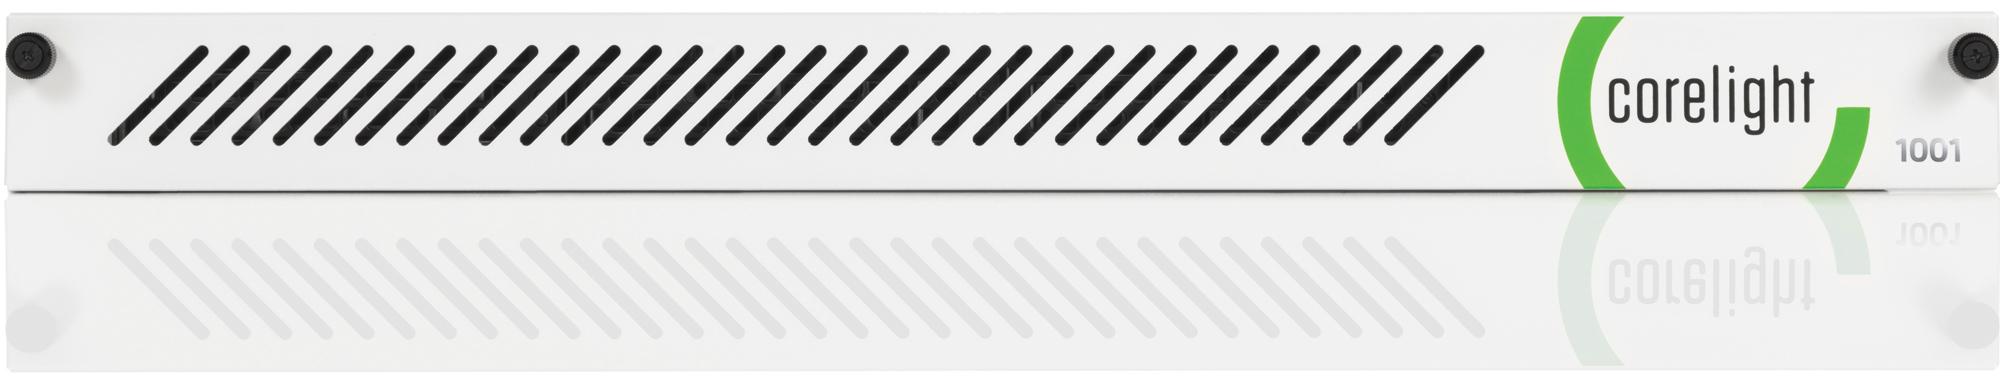 Sensor AP 1001 de Corelight, solución Enterprise de Zeek